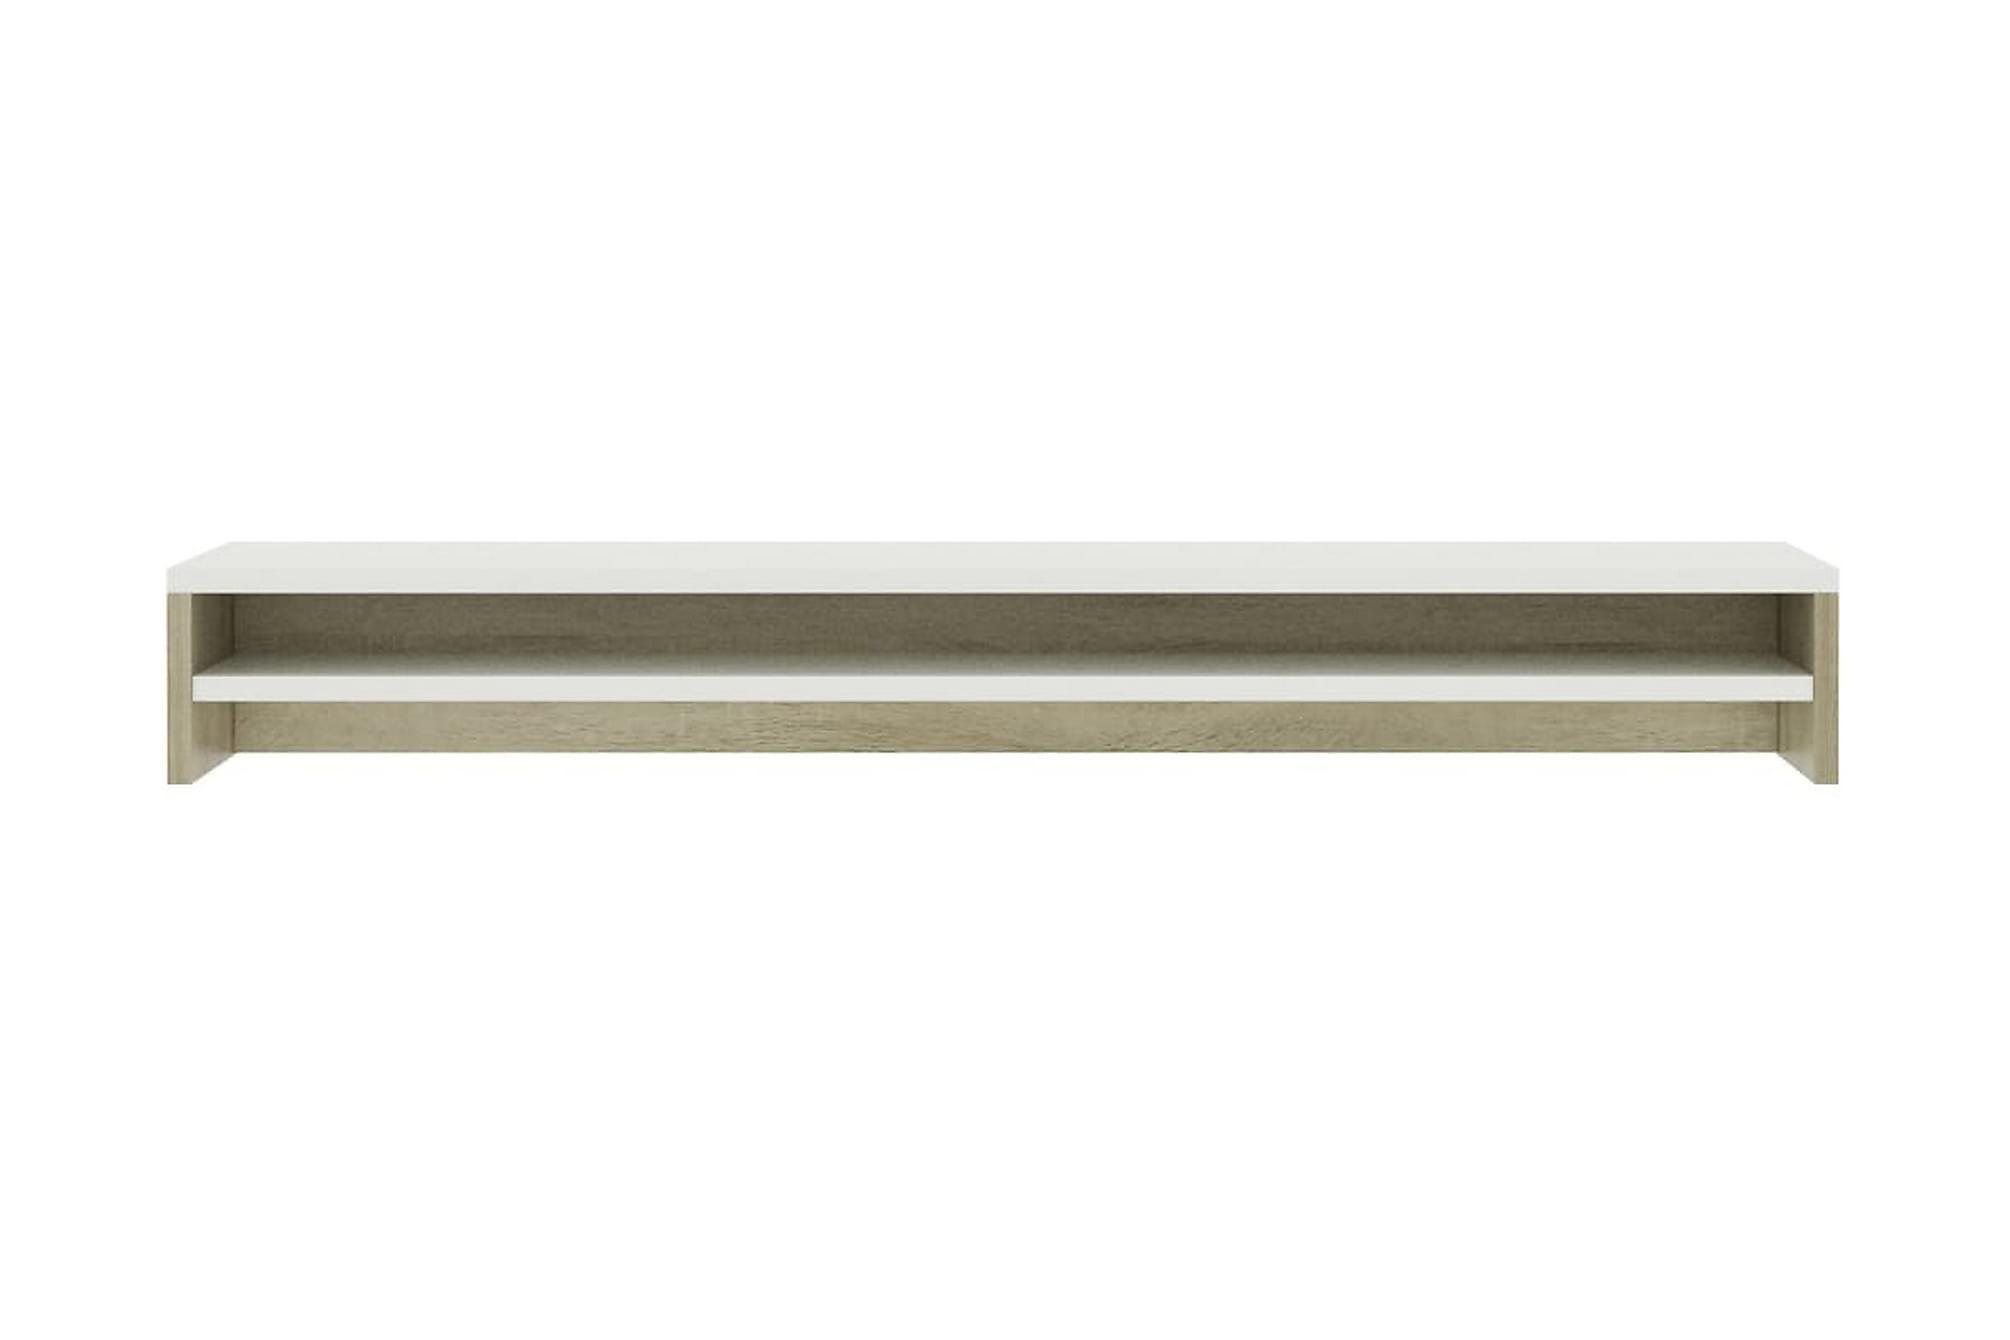 Skärmställ vit och sonoma-ek 100x24x13 cm spånskiva, Tv-väggfästen